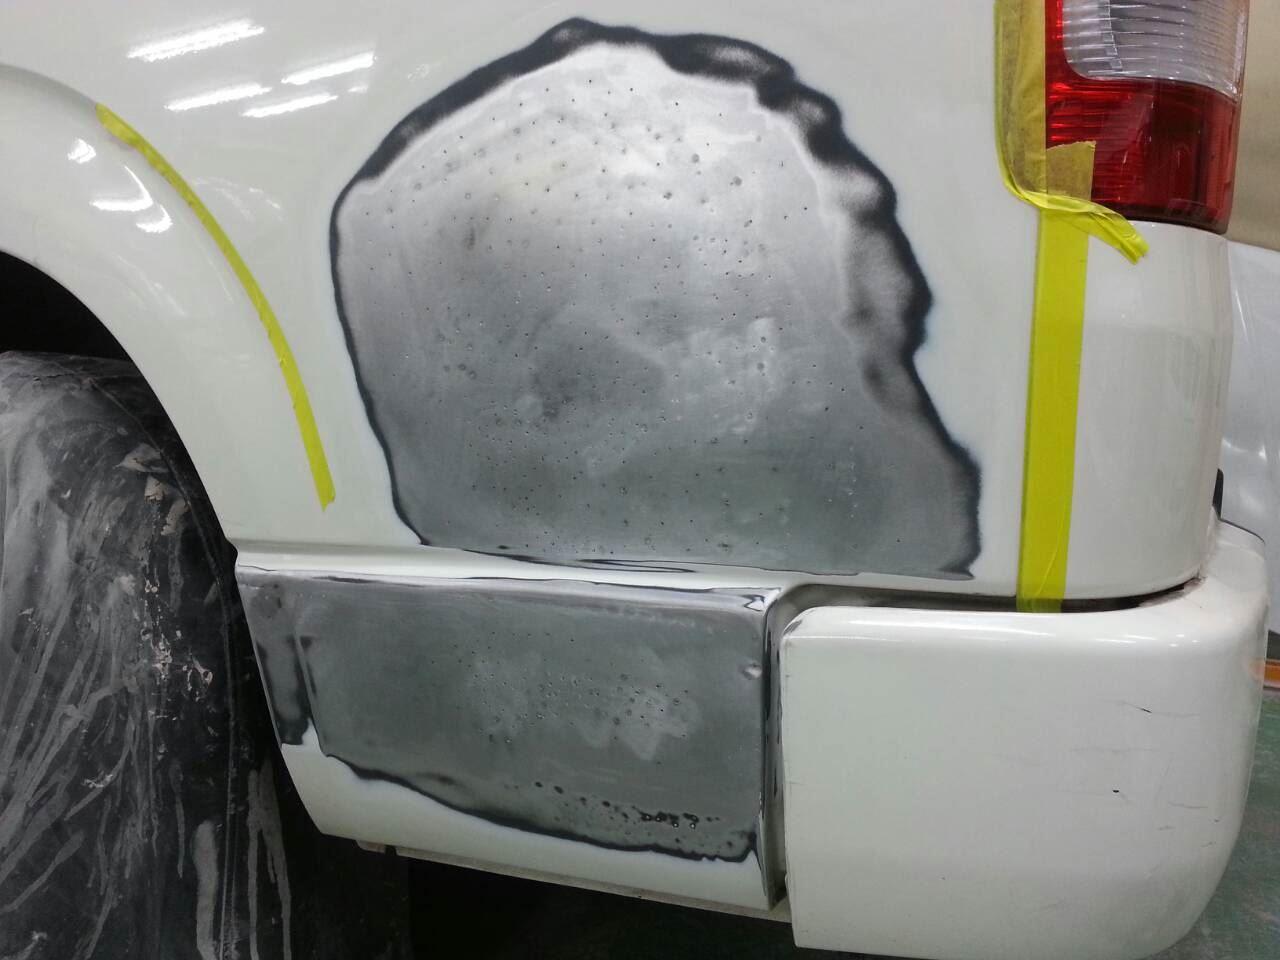 東京都立川市の車の板金塗装修理工場 ガレージローライドのトヨタ ハイエースの左リヤ部のキズ へこみ の板金 修理 塗装 です。